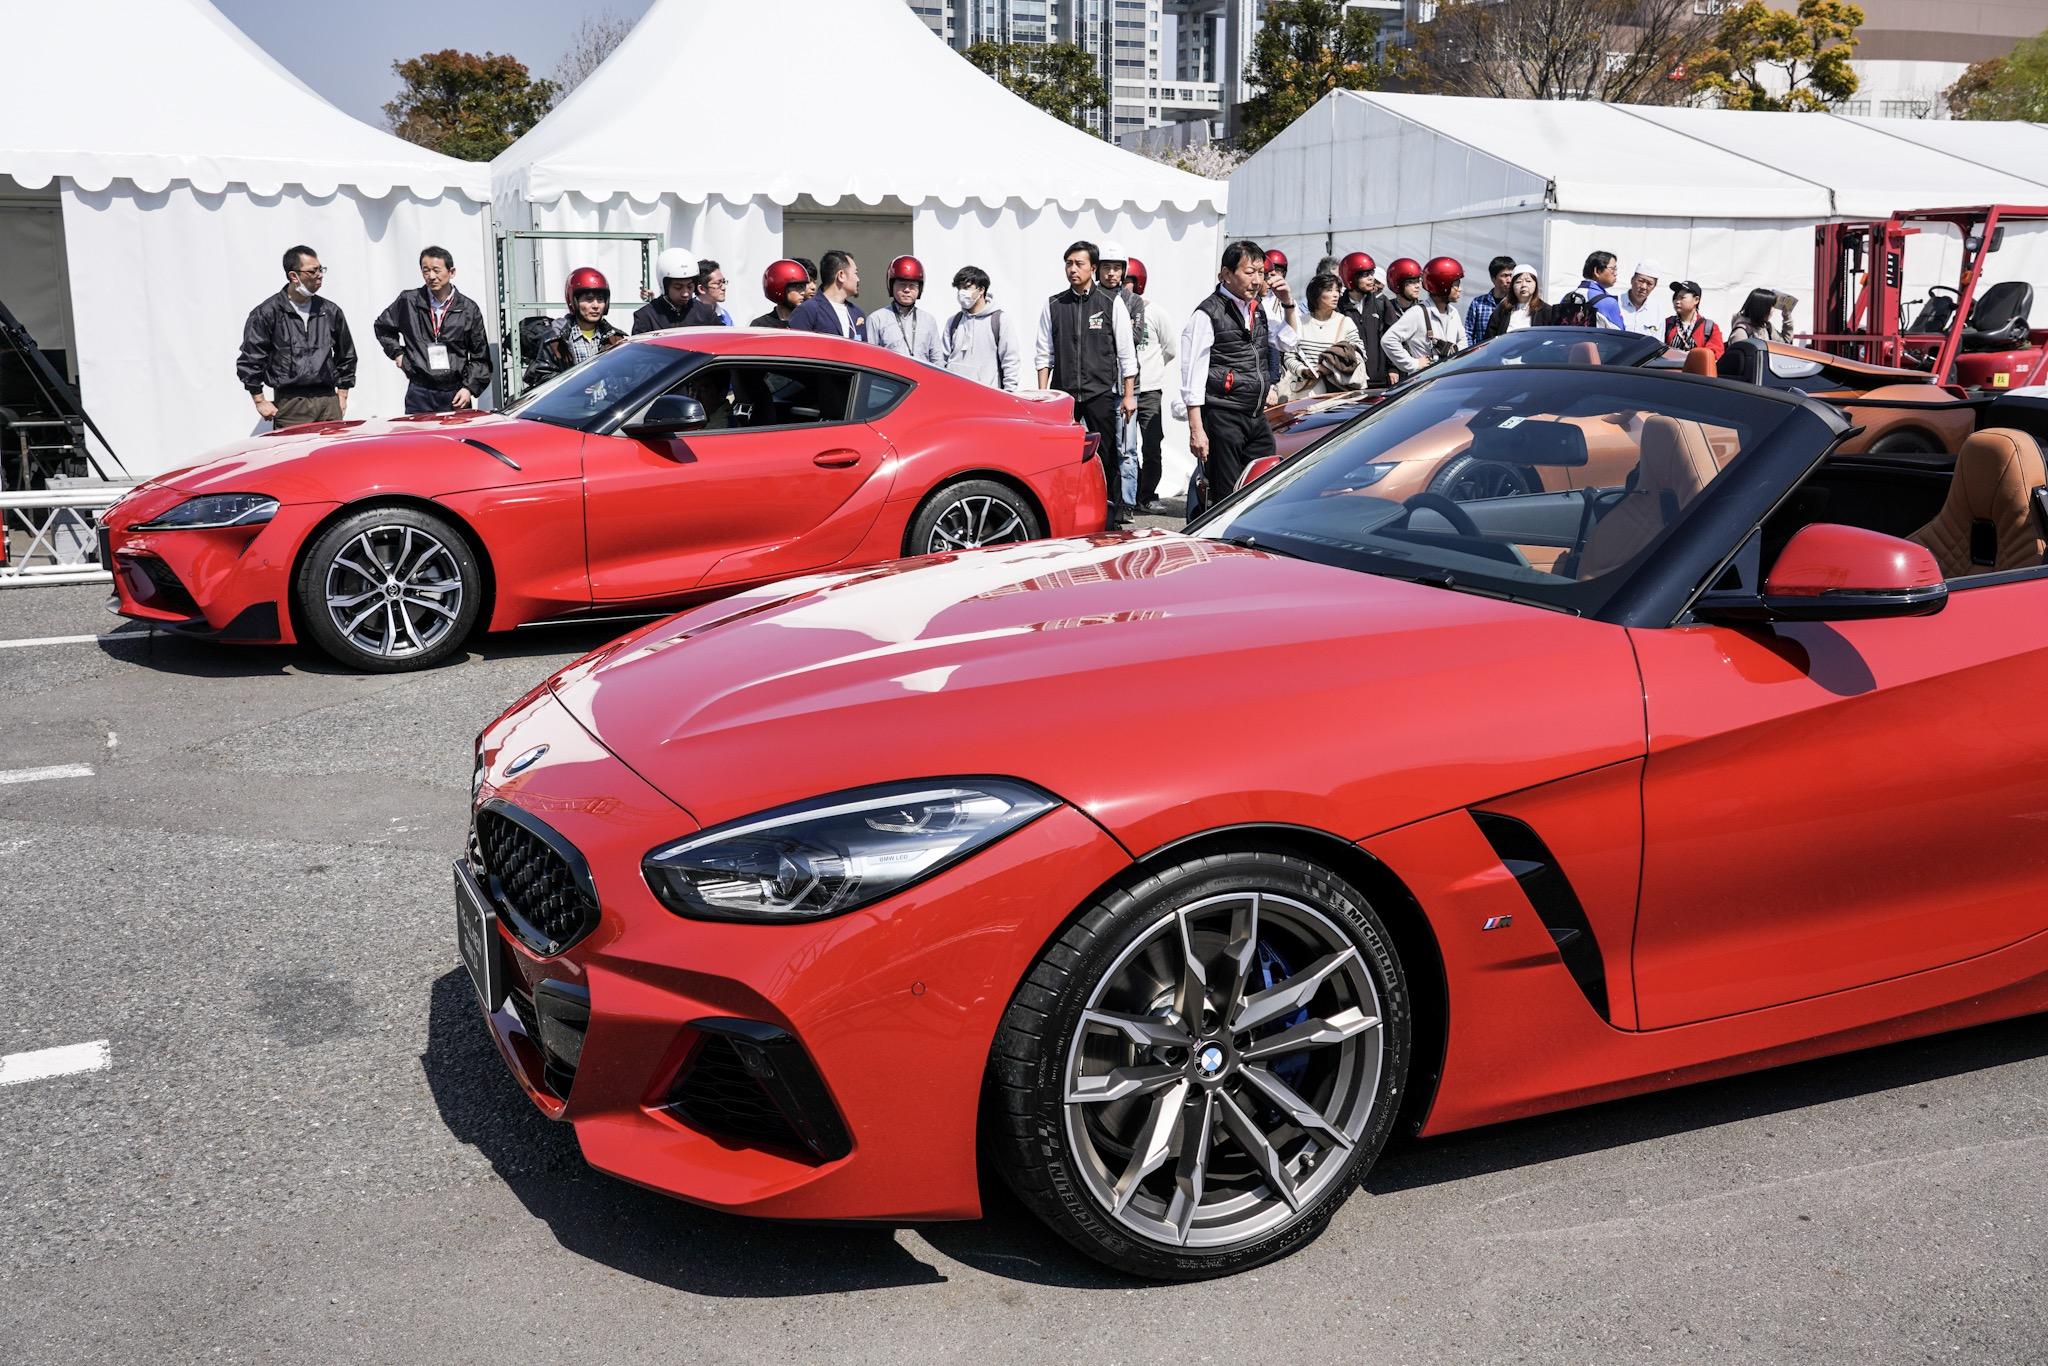 新型トヨタ スープラ BMW Z4が並ぶ(モータスポーツジャパン2019にて)